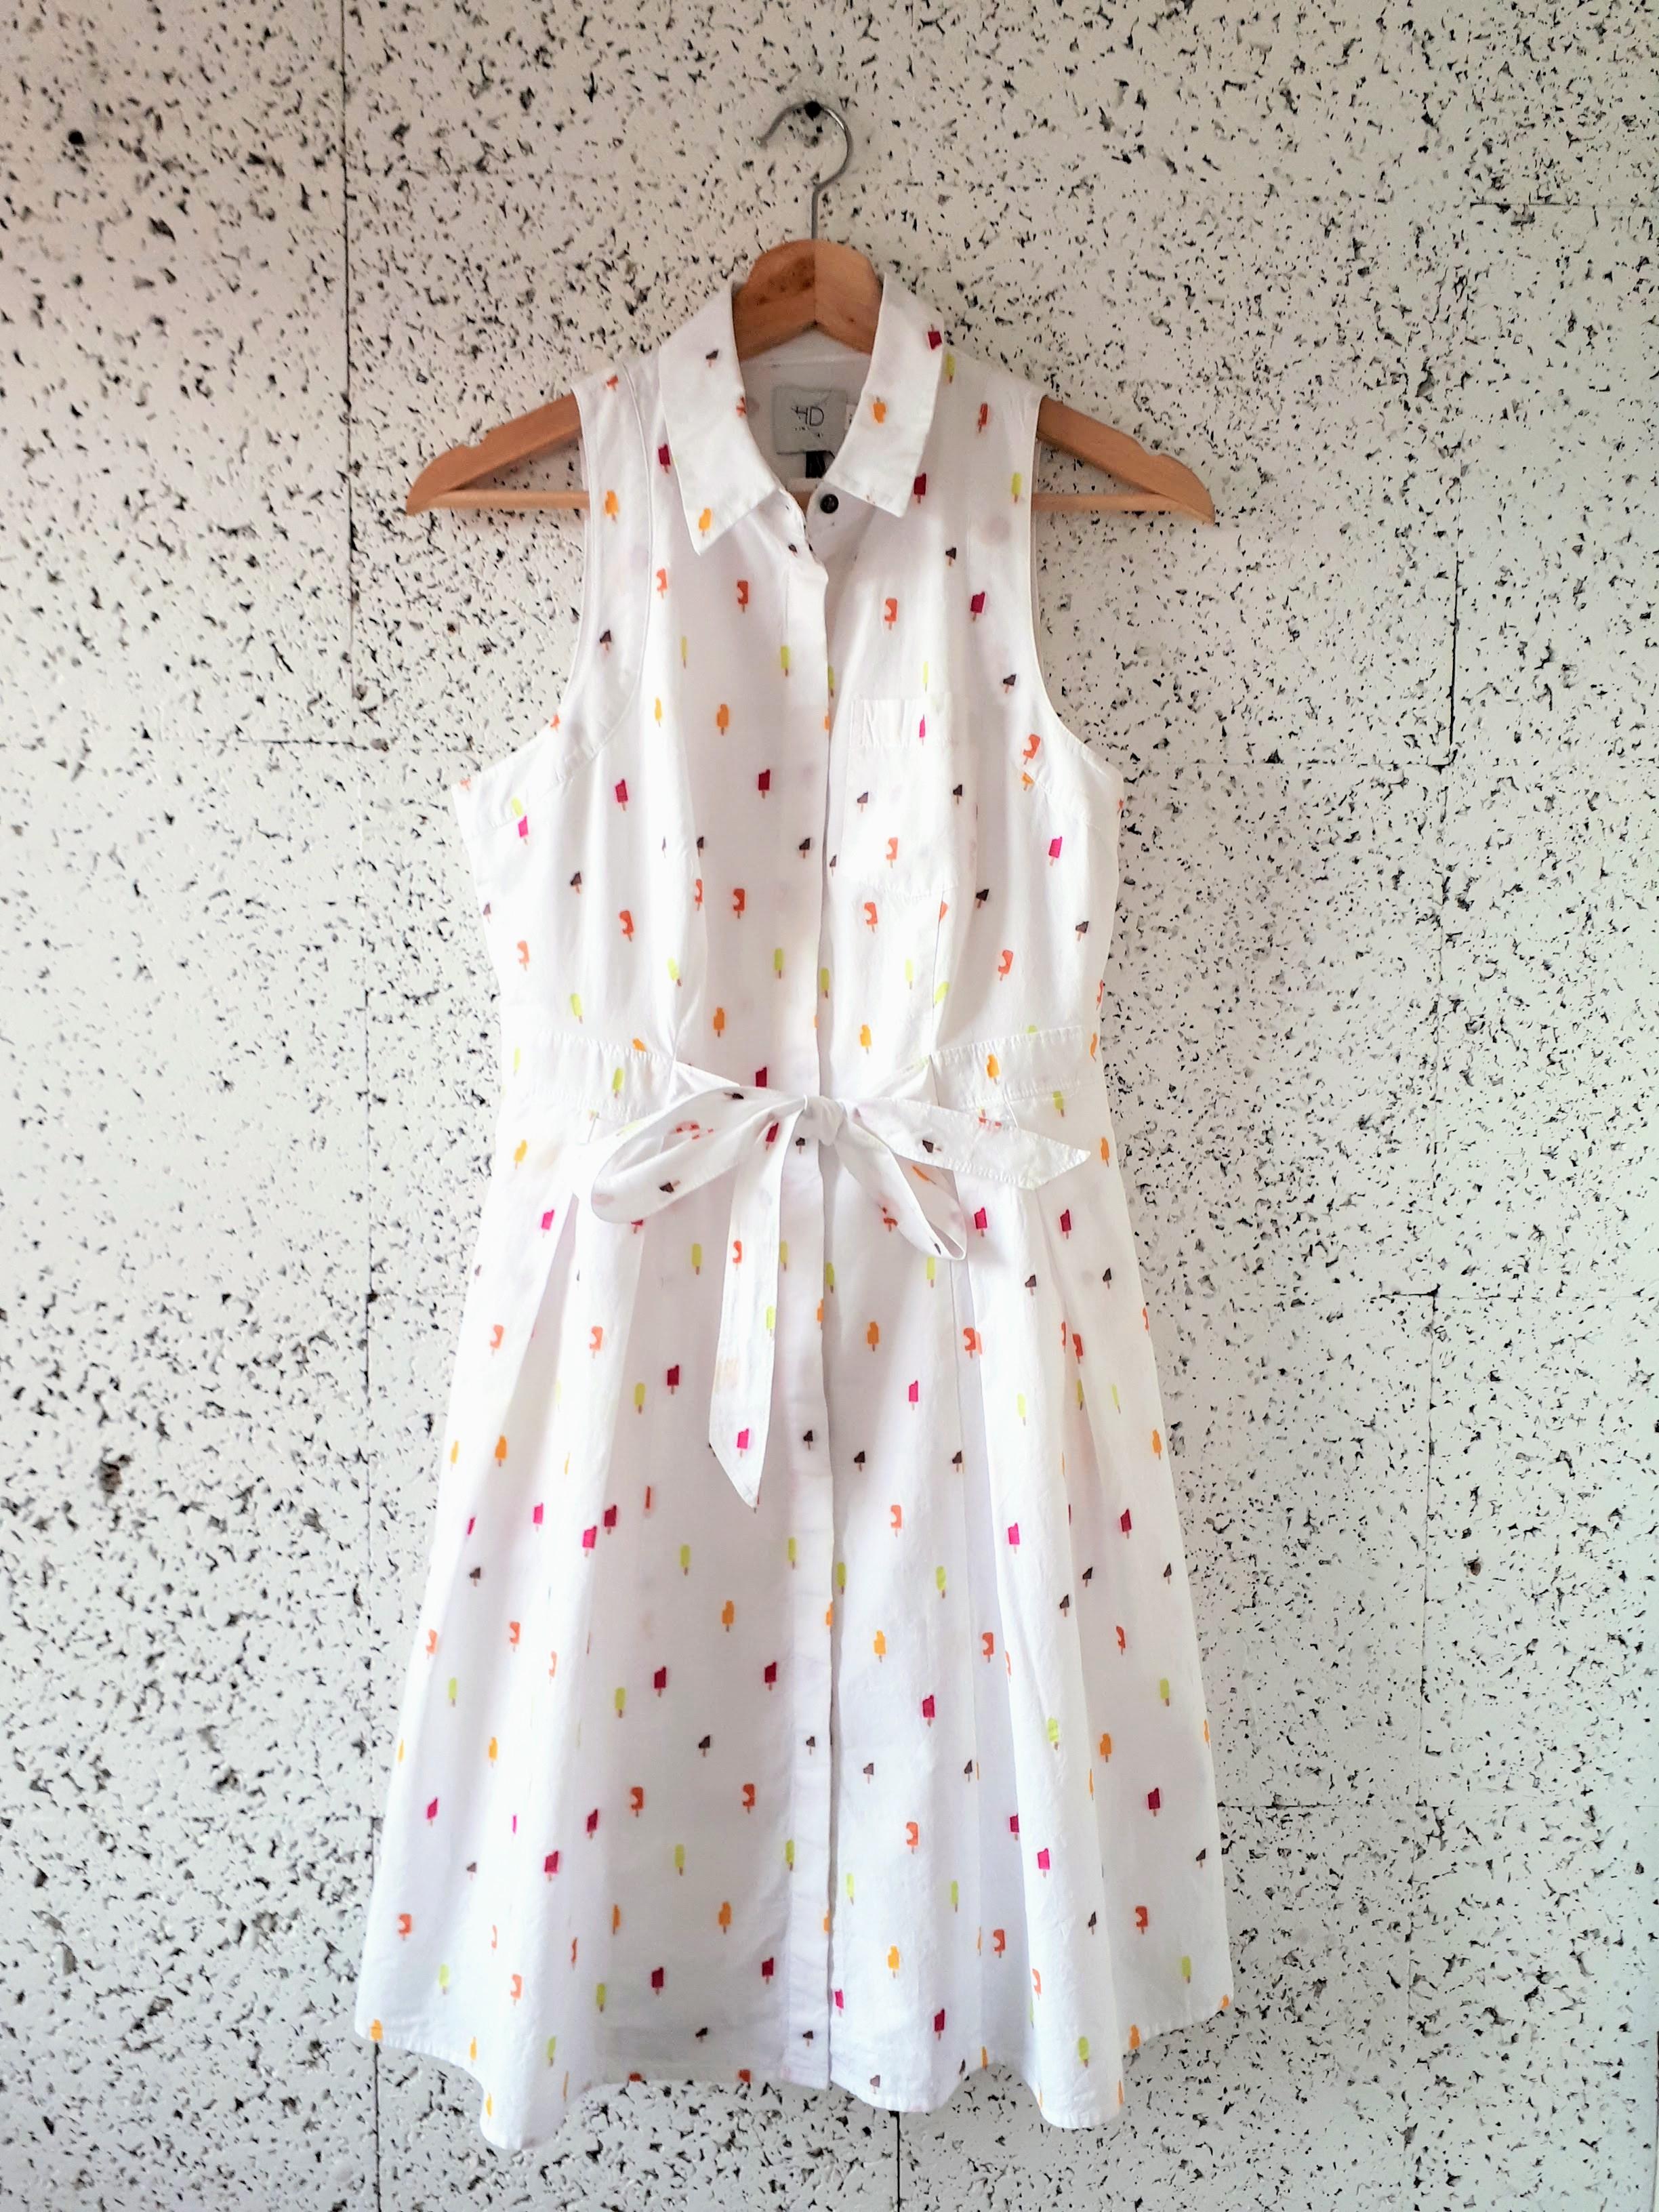 Hd in Paris dress; Size S, $32